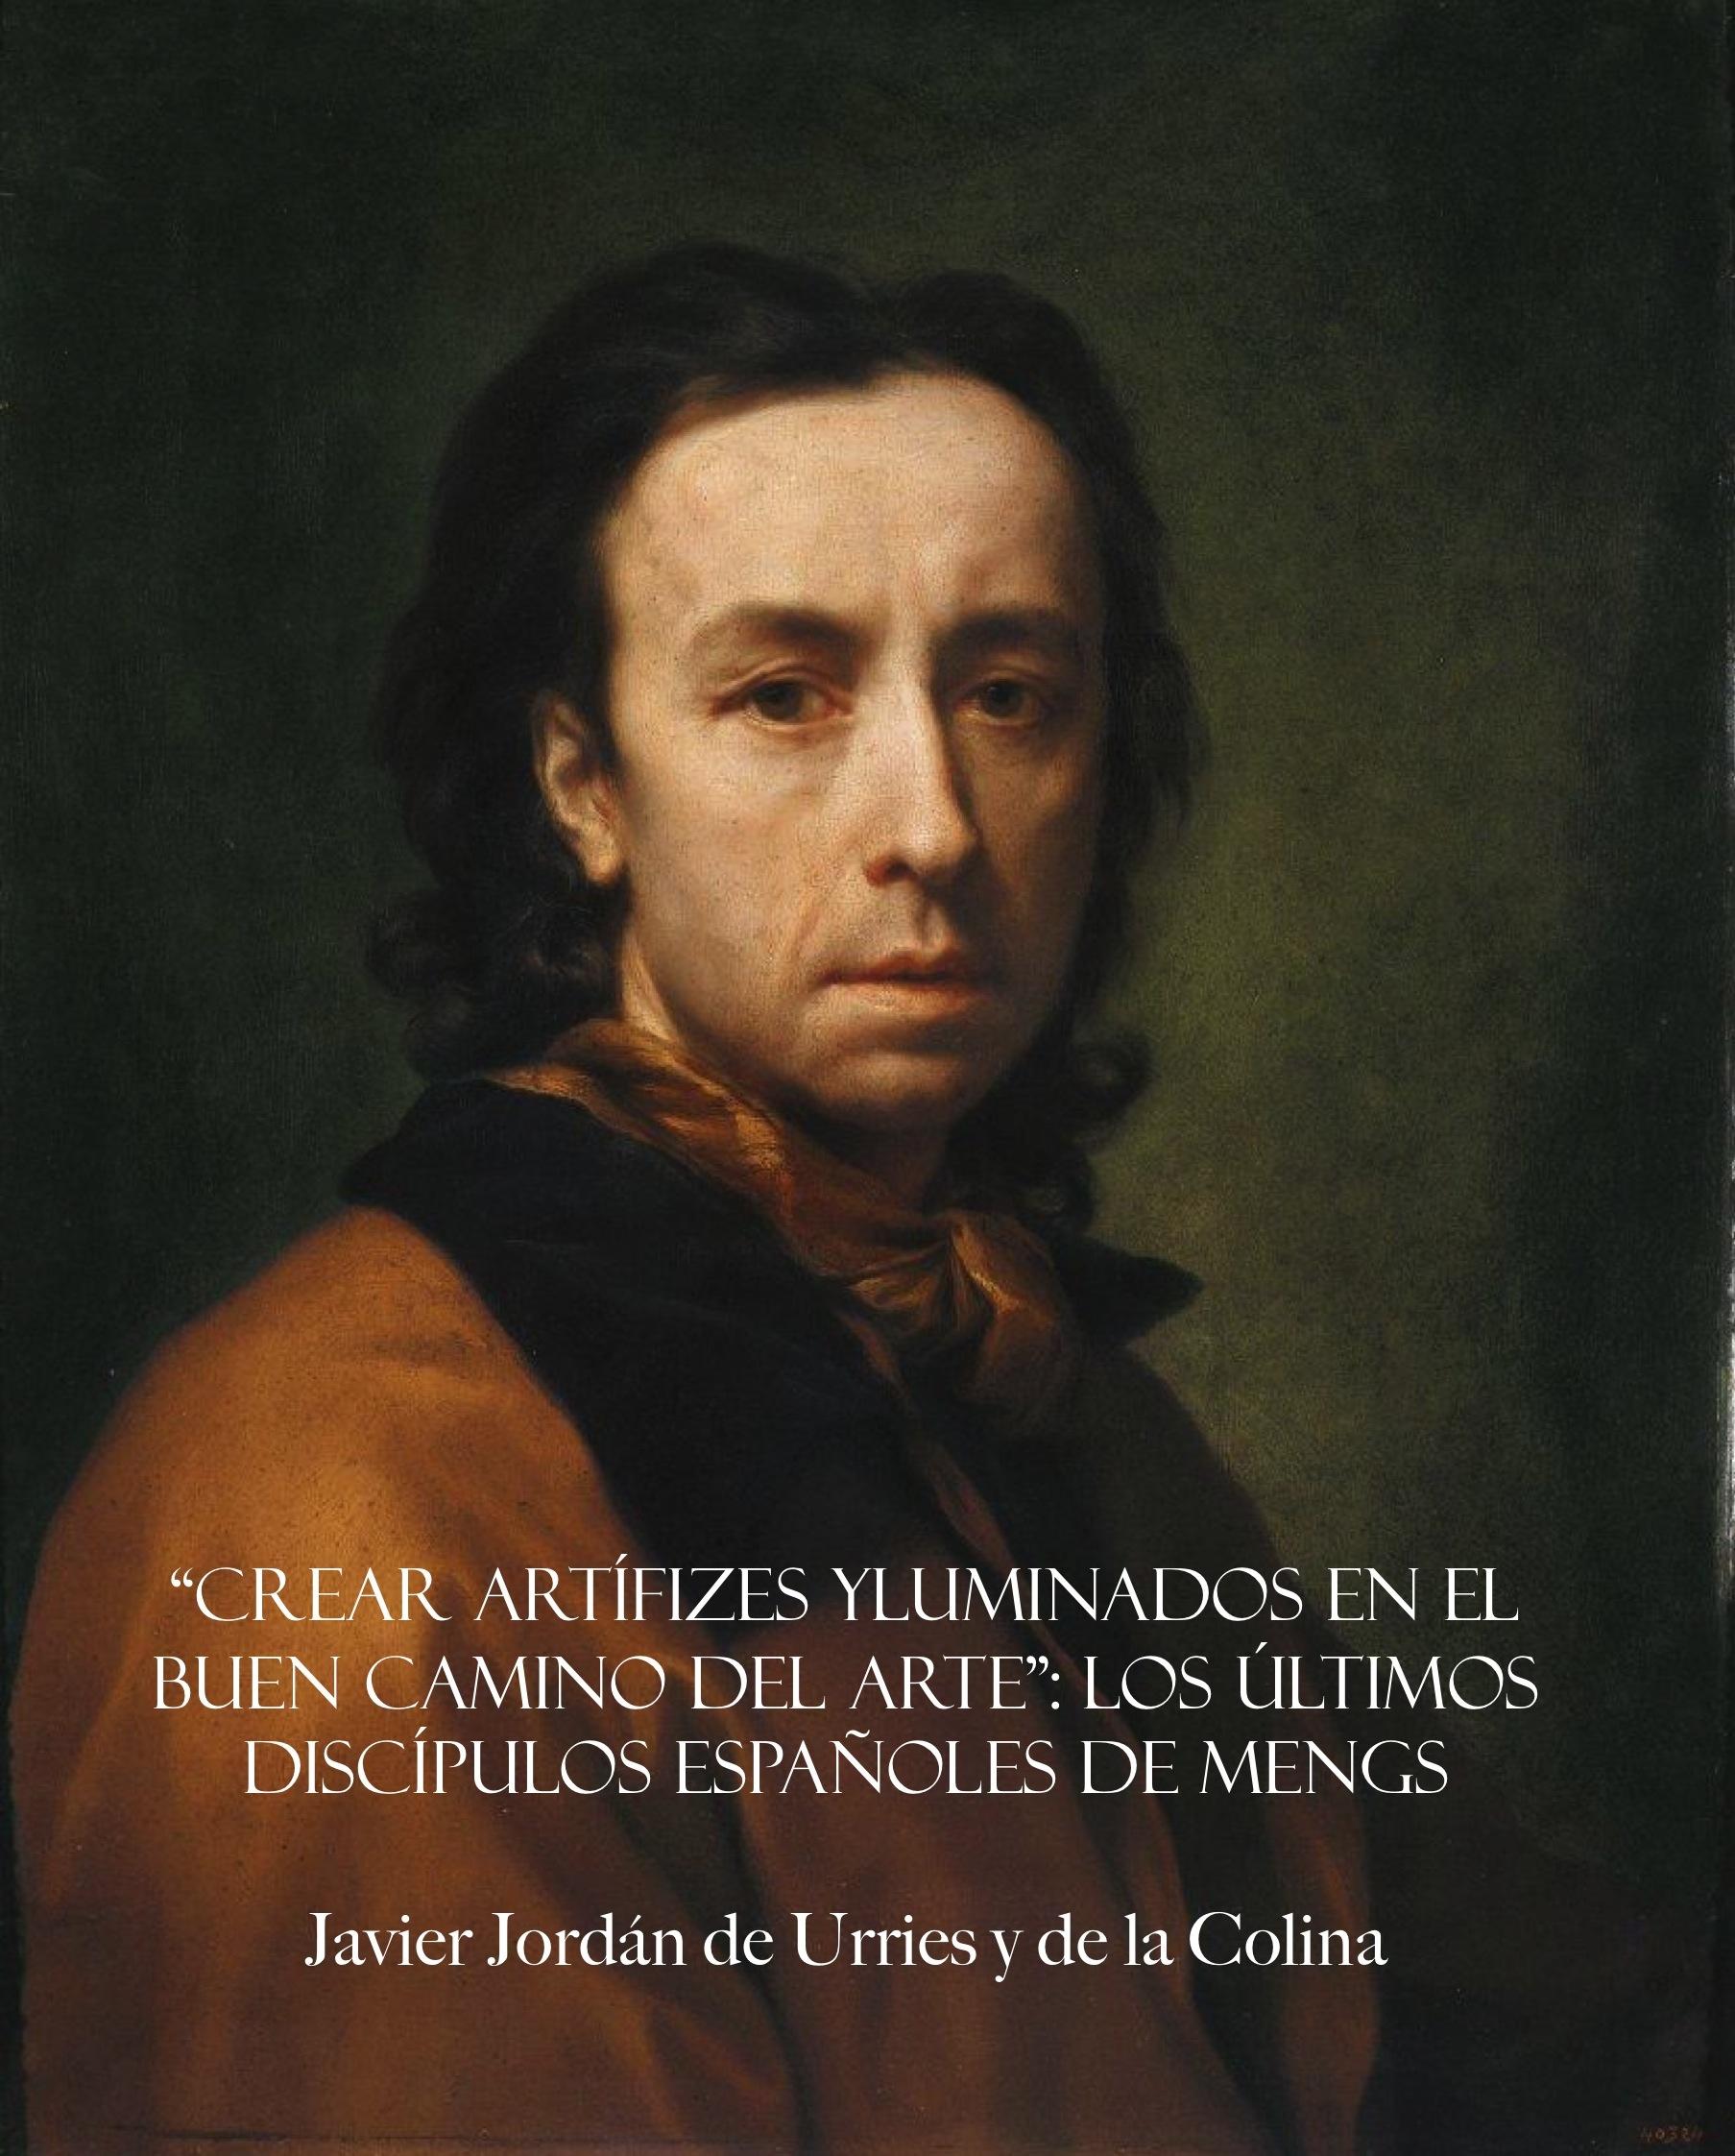 Los últimos discípulos españoles de Mengs